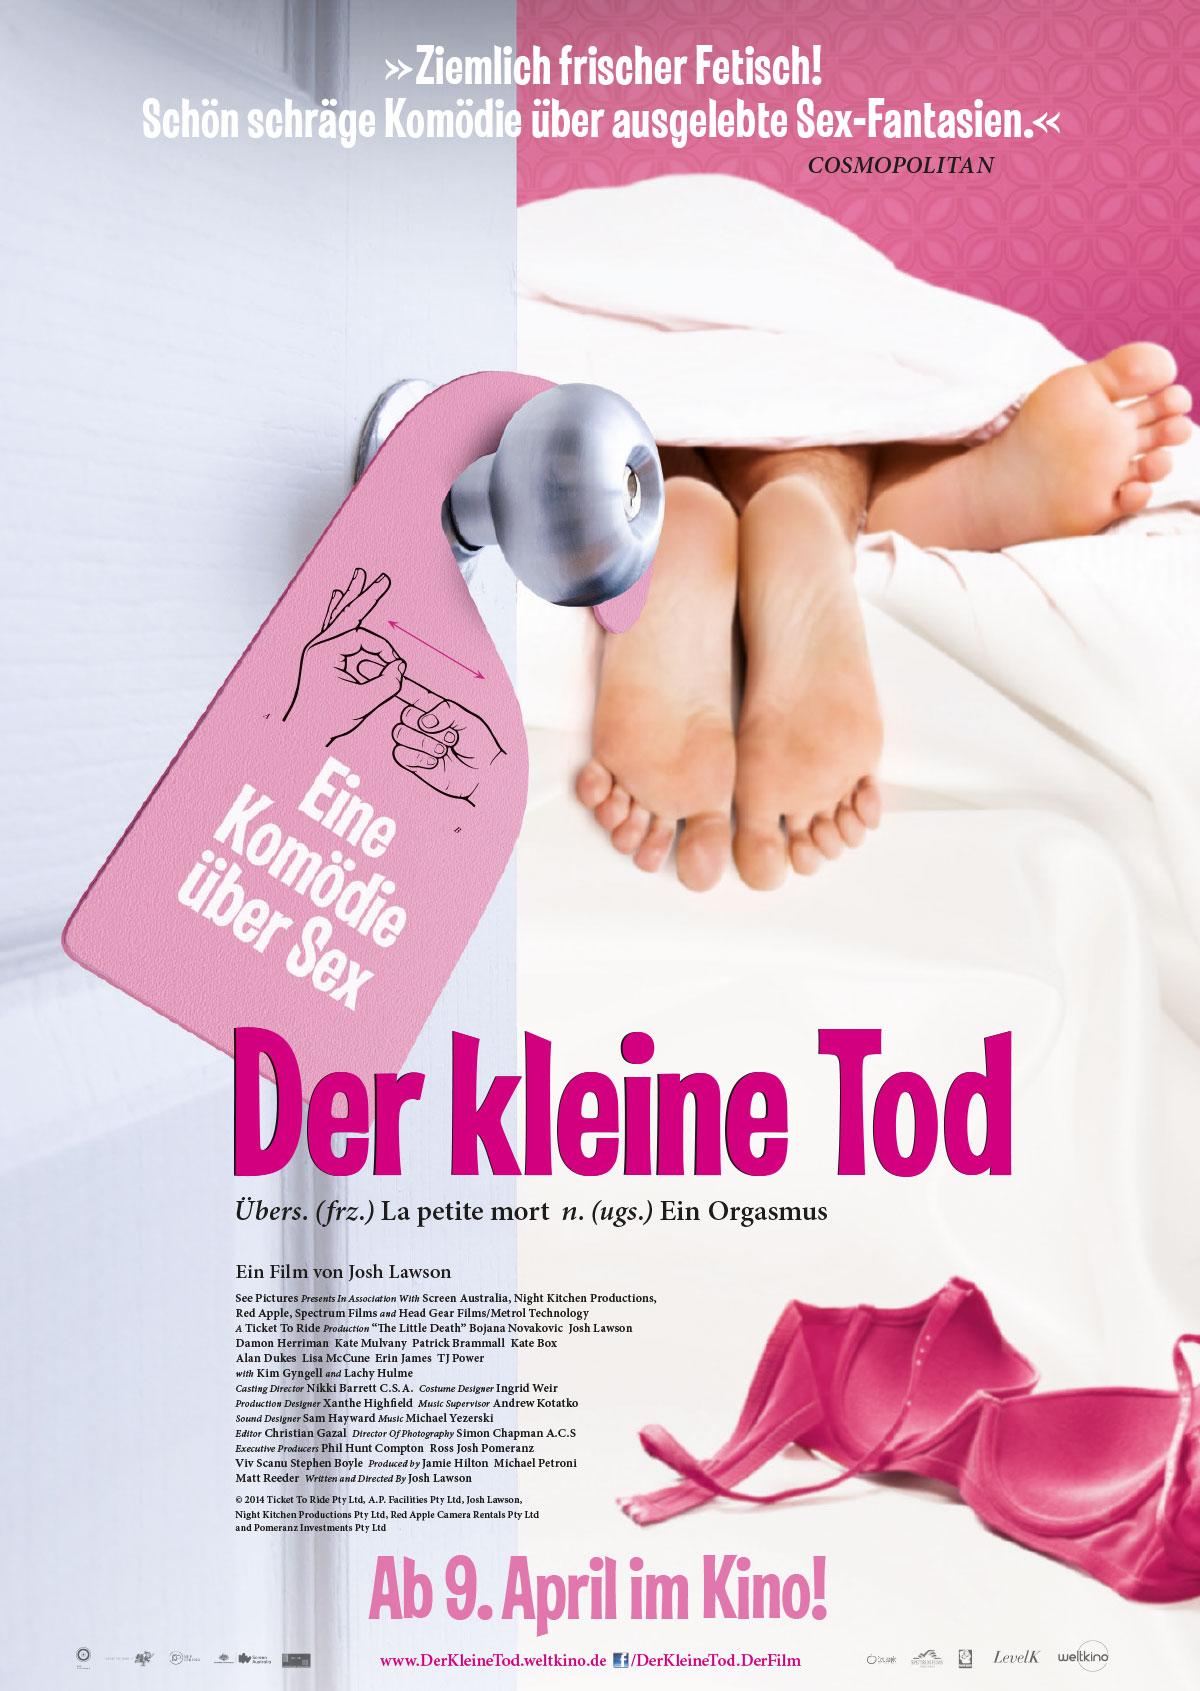 Der Kleine Tod Plakat Weltkino Affaire Populaire